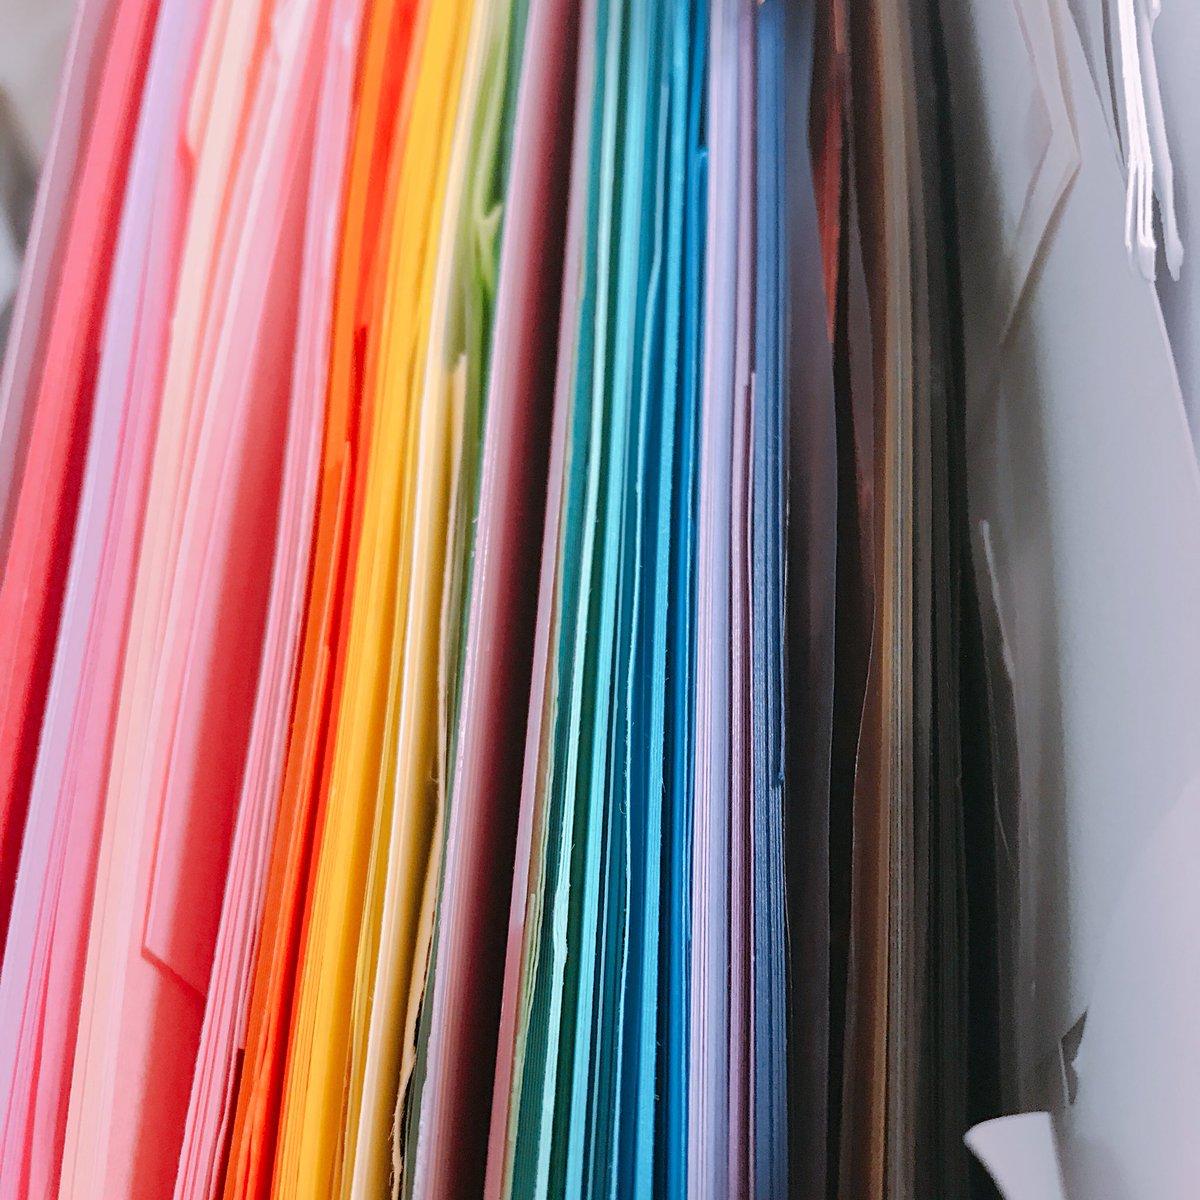 test ツイッターメディア - 画用紙が適当に袋に入ってて何色があって何色がないのかわからなかったので整理整頓! ファイルを2つ買って来て色分けした???  #幼稚園教諭 #画用紙 #整理整頓 #100均 #セリア https://t.co/A9Zm8XKUVH